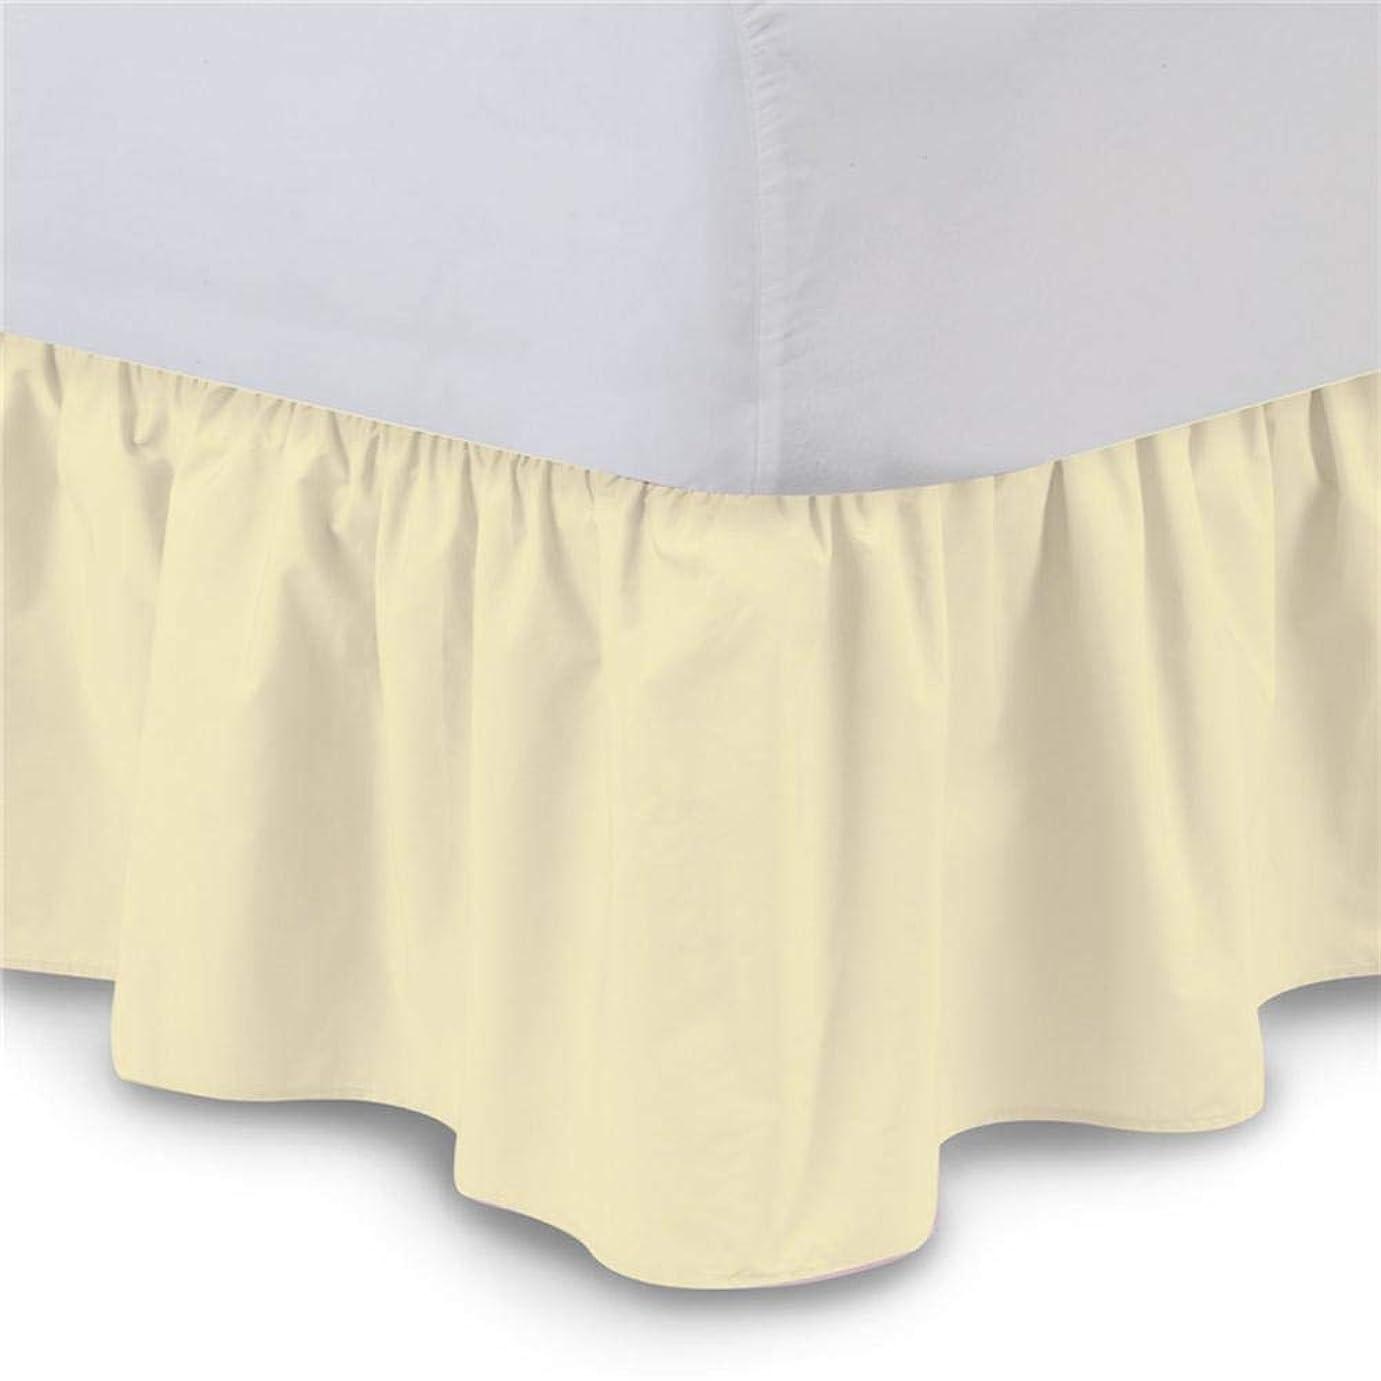 儀式志す器具ベッドスカート シングル 伸縮ベッド 無地 ゴムバンド ホテル 取り外しや洗浄が簡単 150 x 200 + 38cm/200 x 200 + 38cm